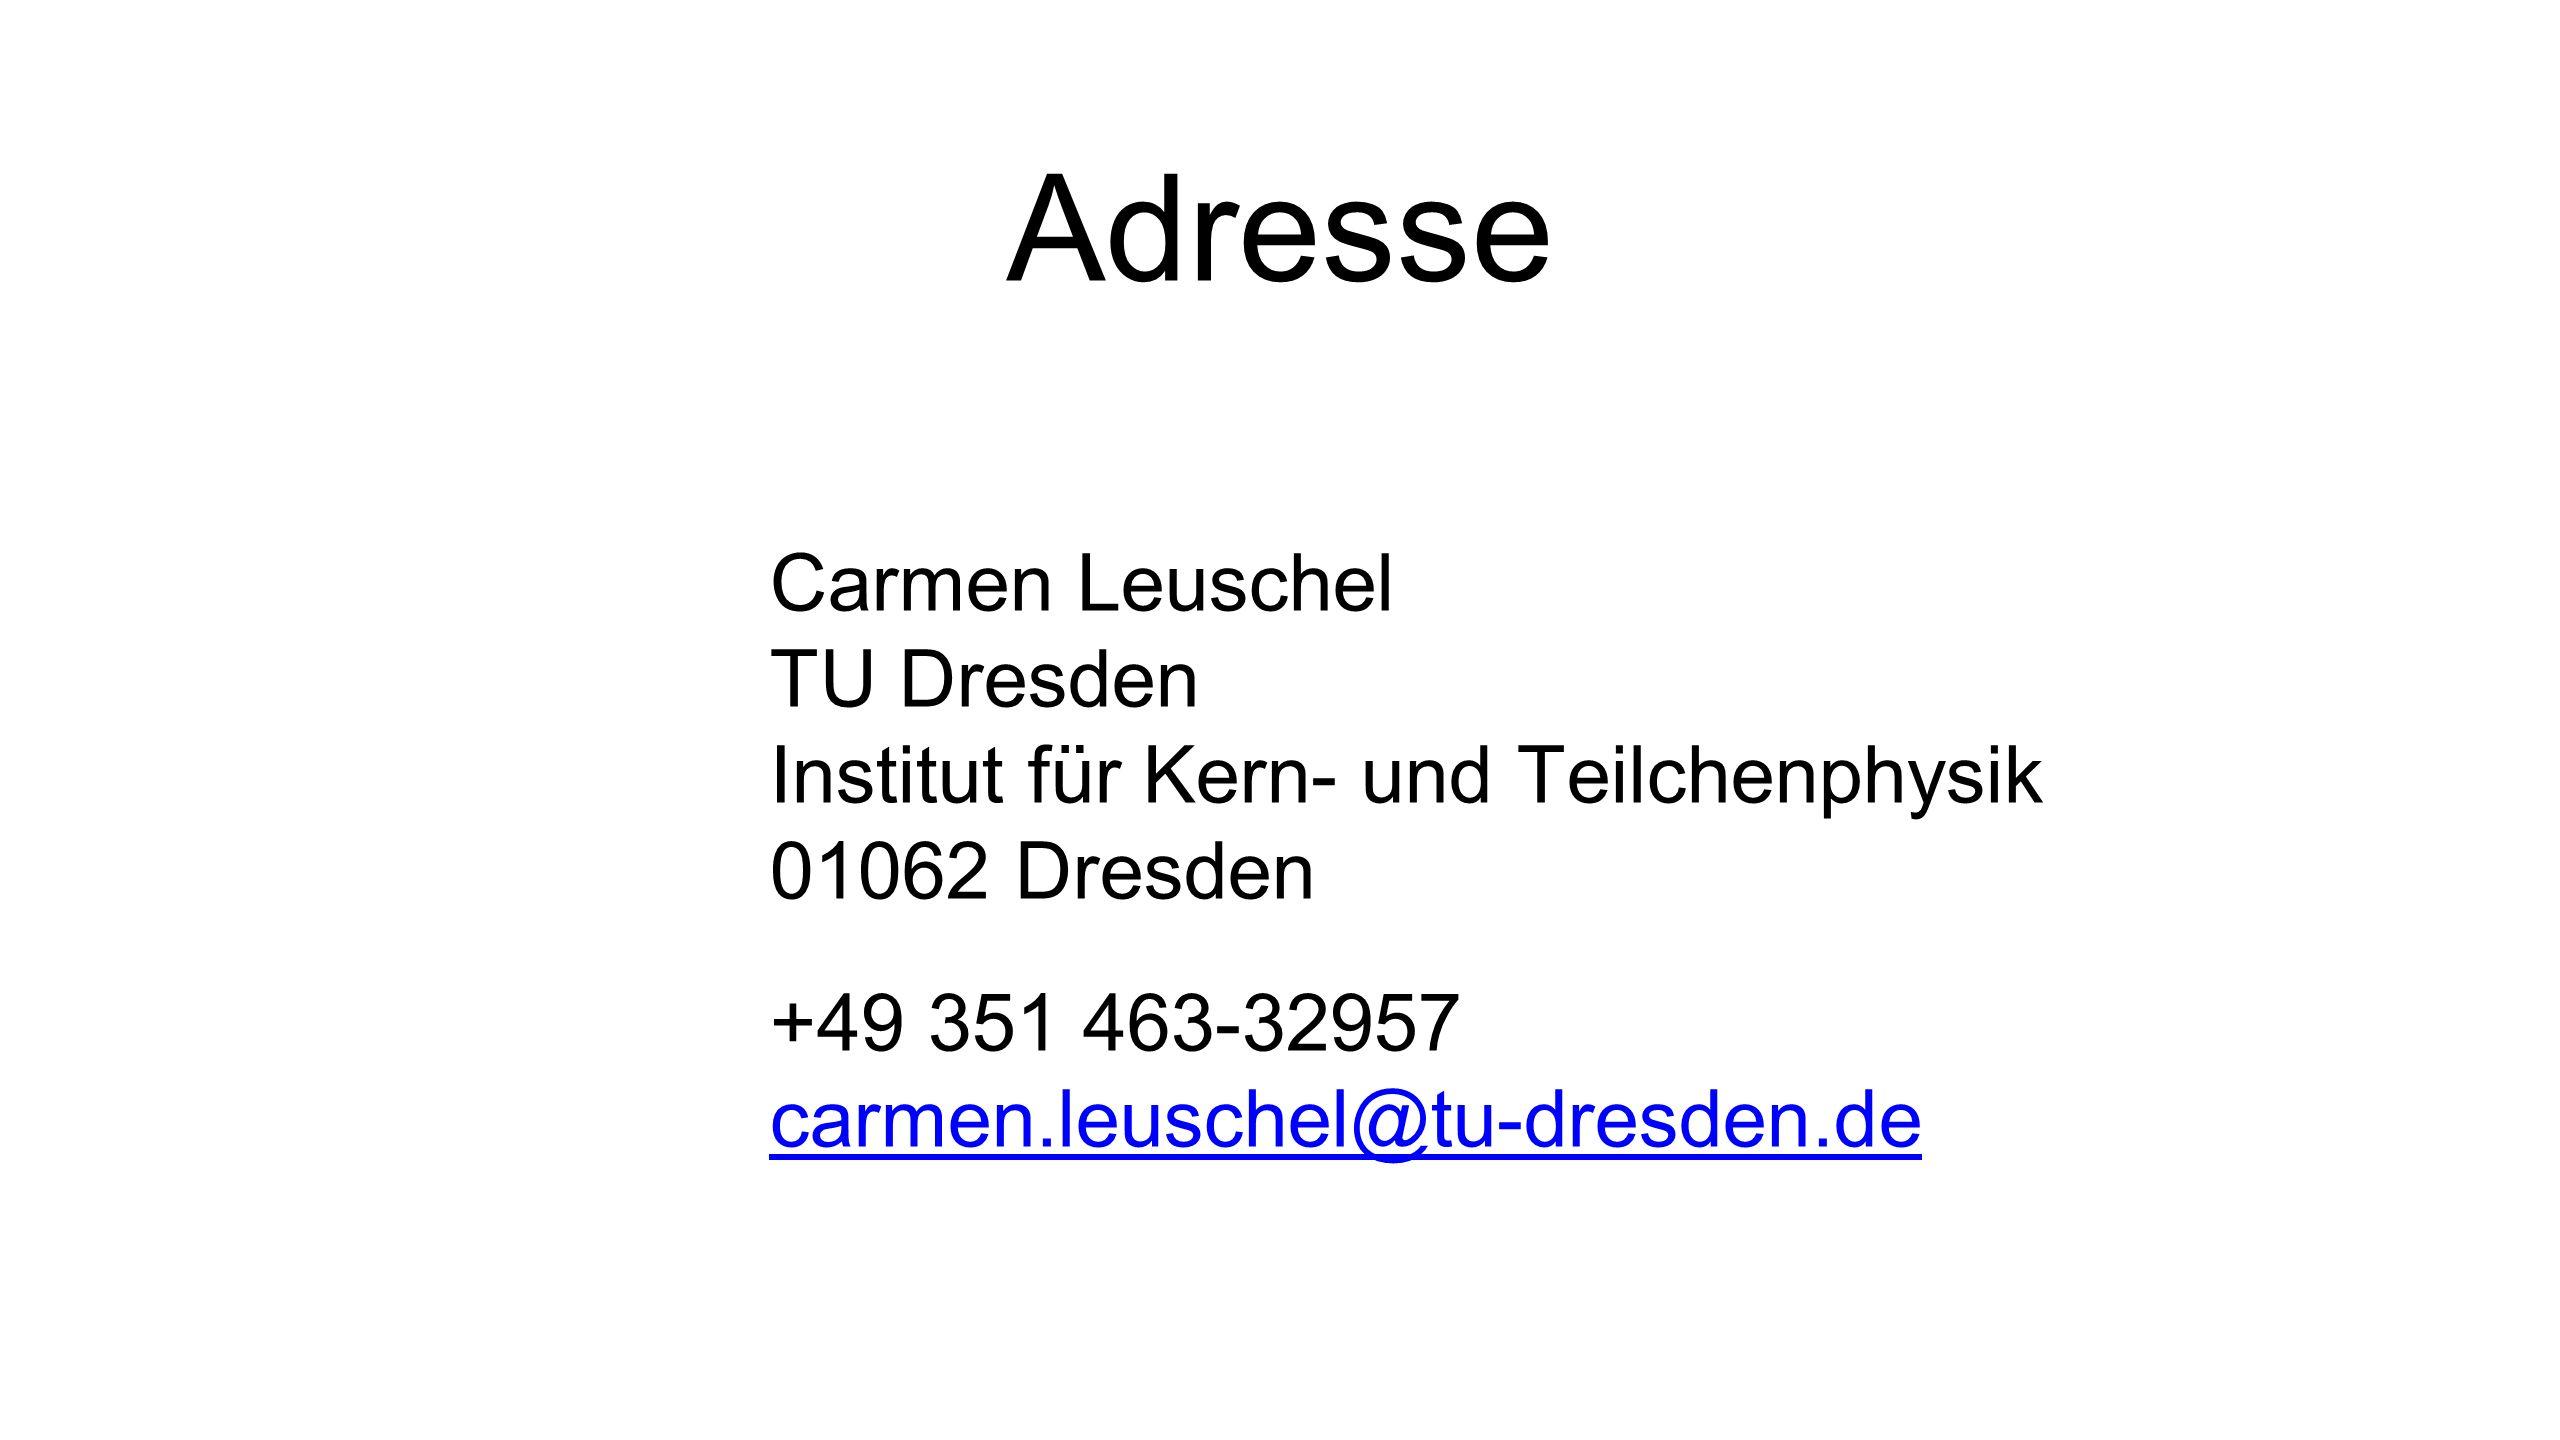 Adresse Carmen Leuschel TU Dresden Institut für Kern- und Teilchenphysik 01062 Dresden +49 351 463-32957 carmen.leuschel@tu-dresden.de carmen.leuschel@tu-dresden.de